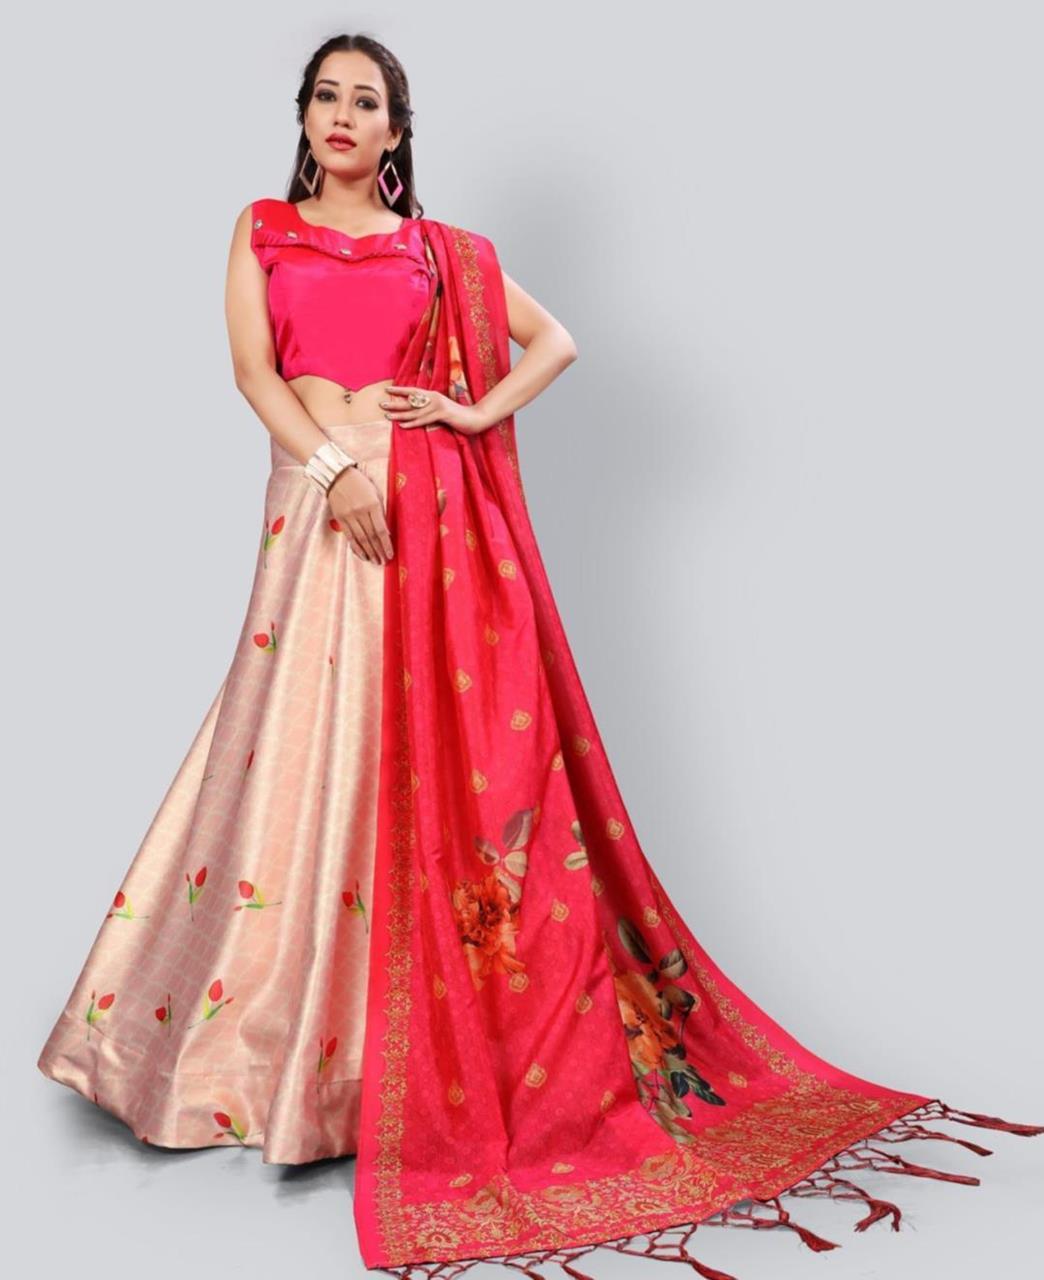 Printed Satin Lehenga in Rani Pink